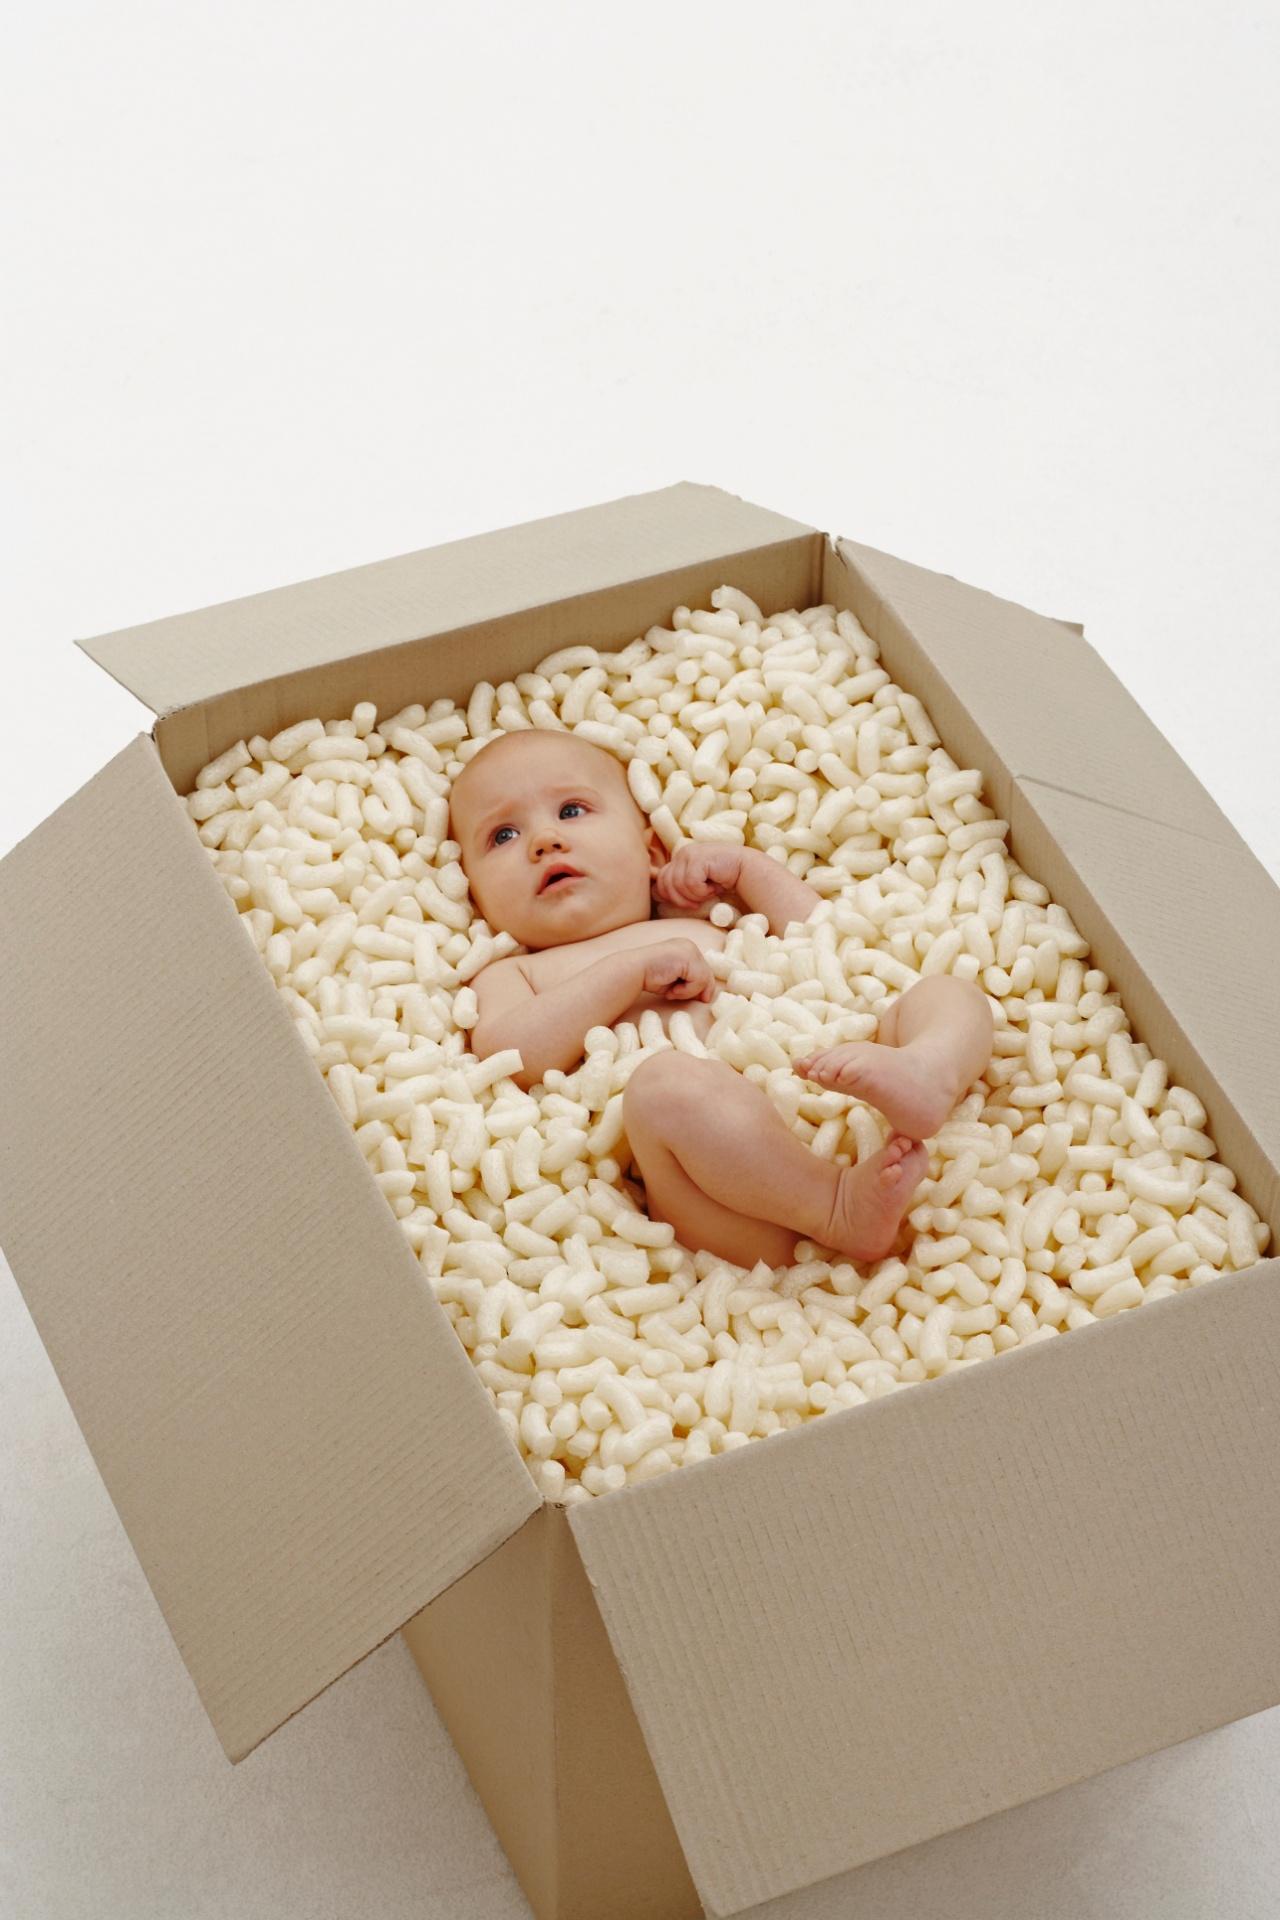 f9853b1f9 O bebê não é de vidro  saiba como cuidar do recém-nascido sem exagerar -  02 10 2012 - UOL Universa